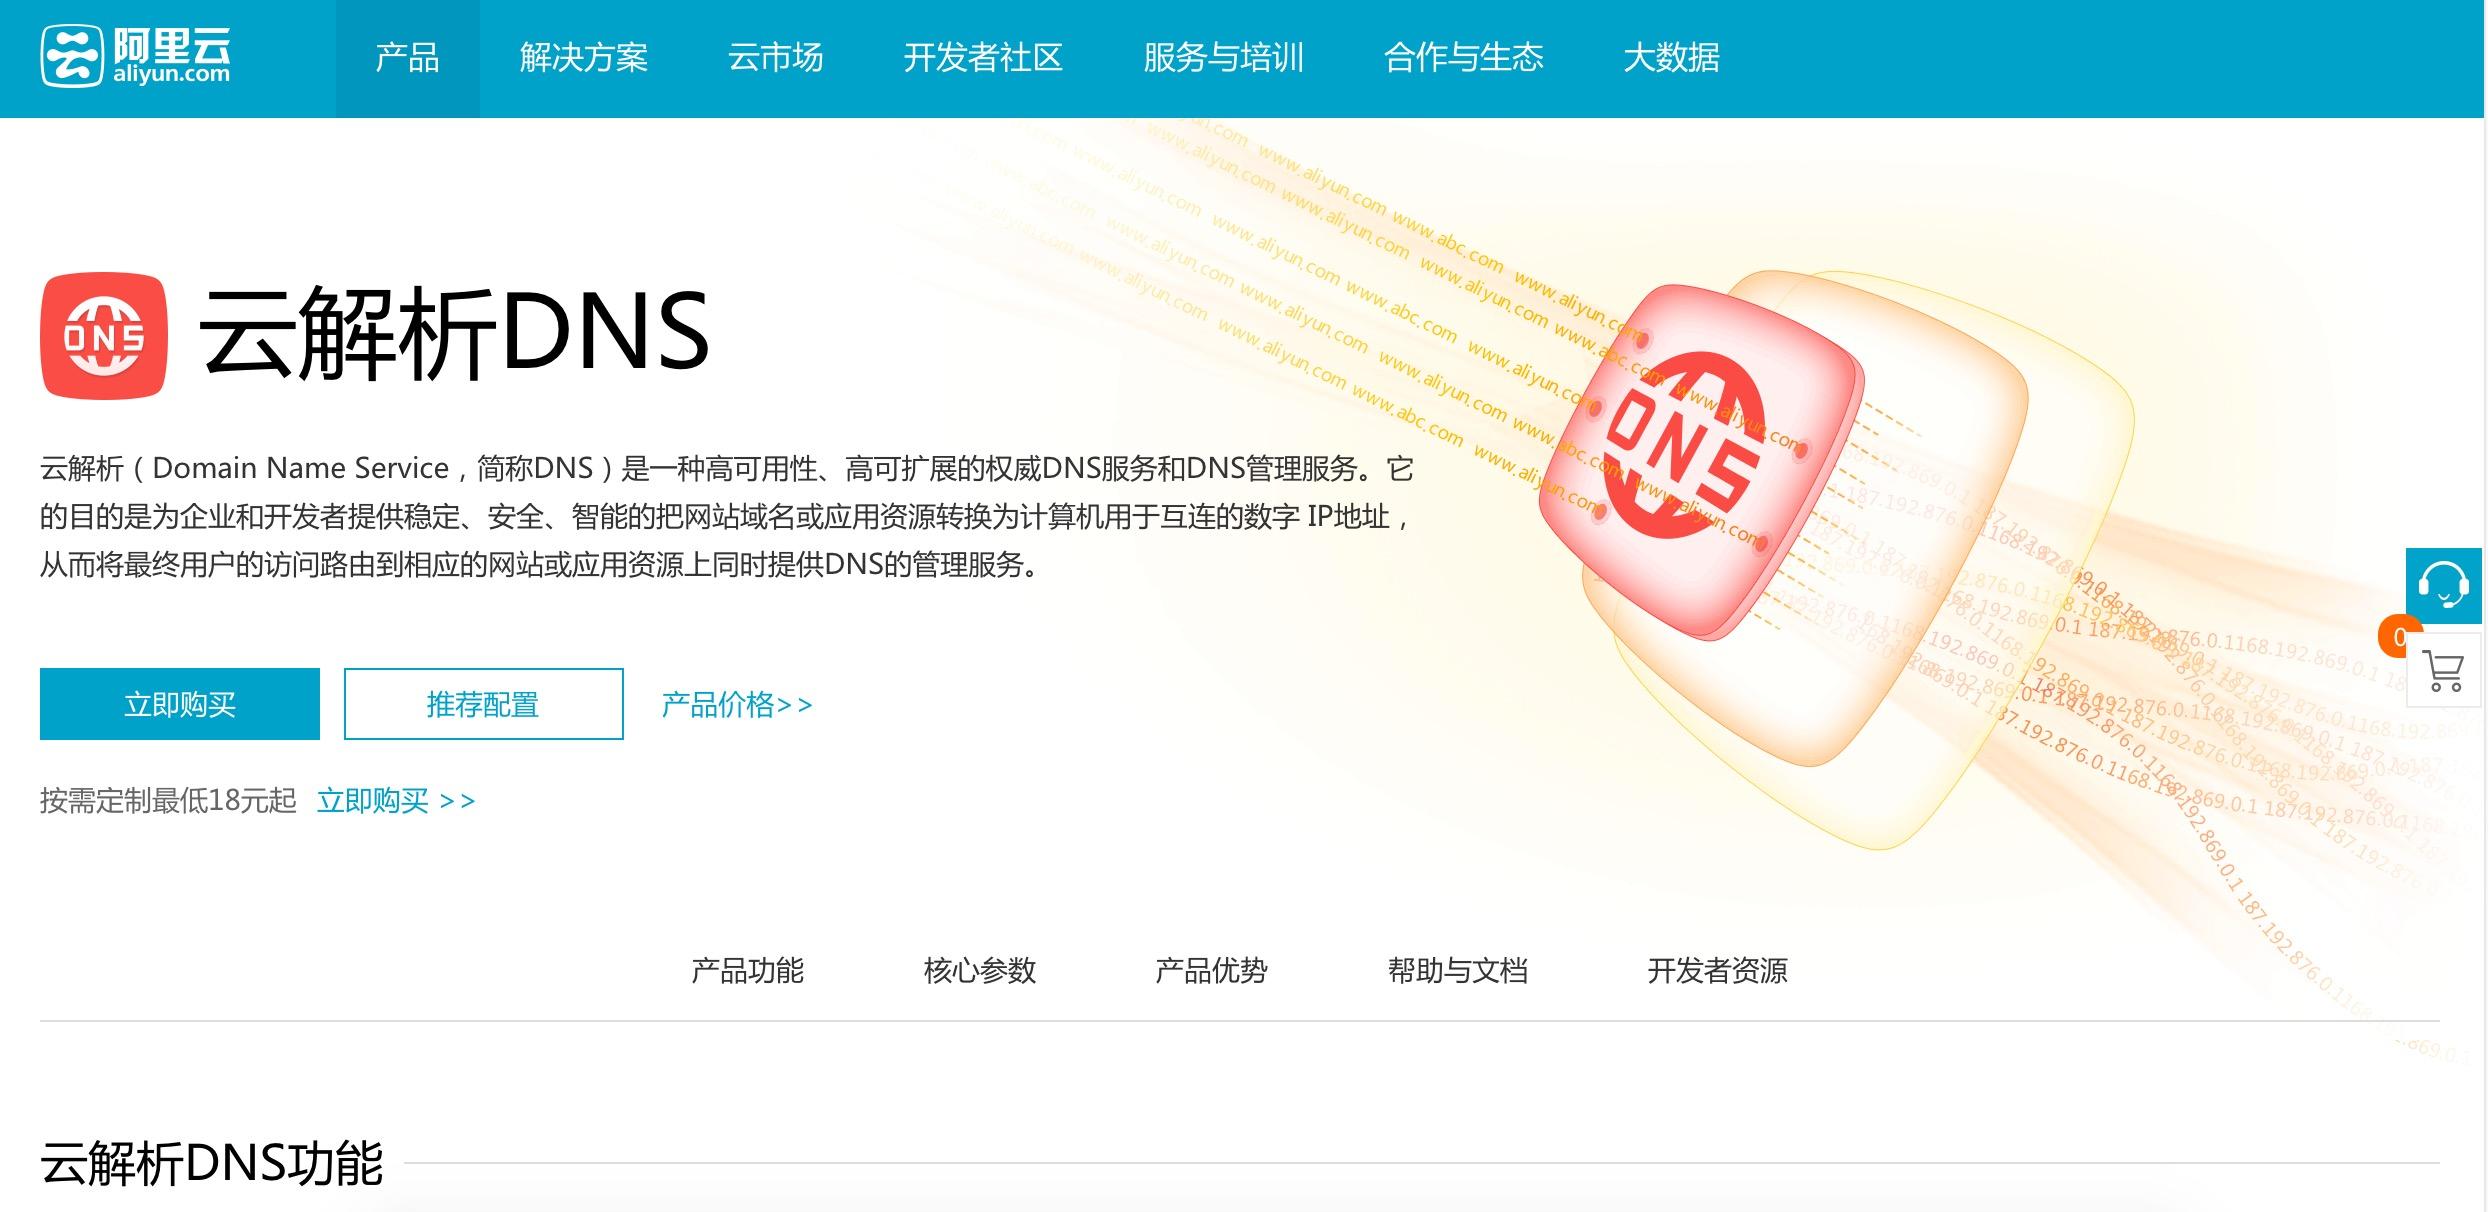 云解析DNS主页